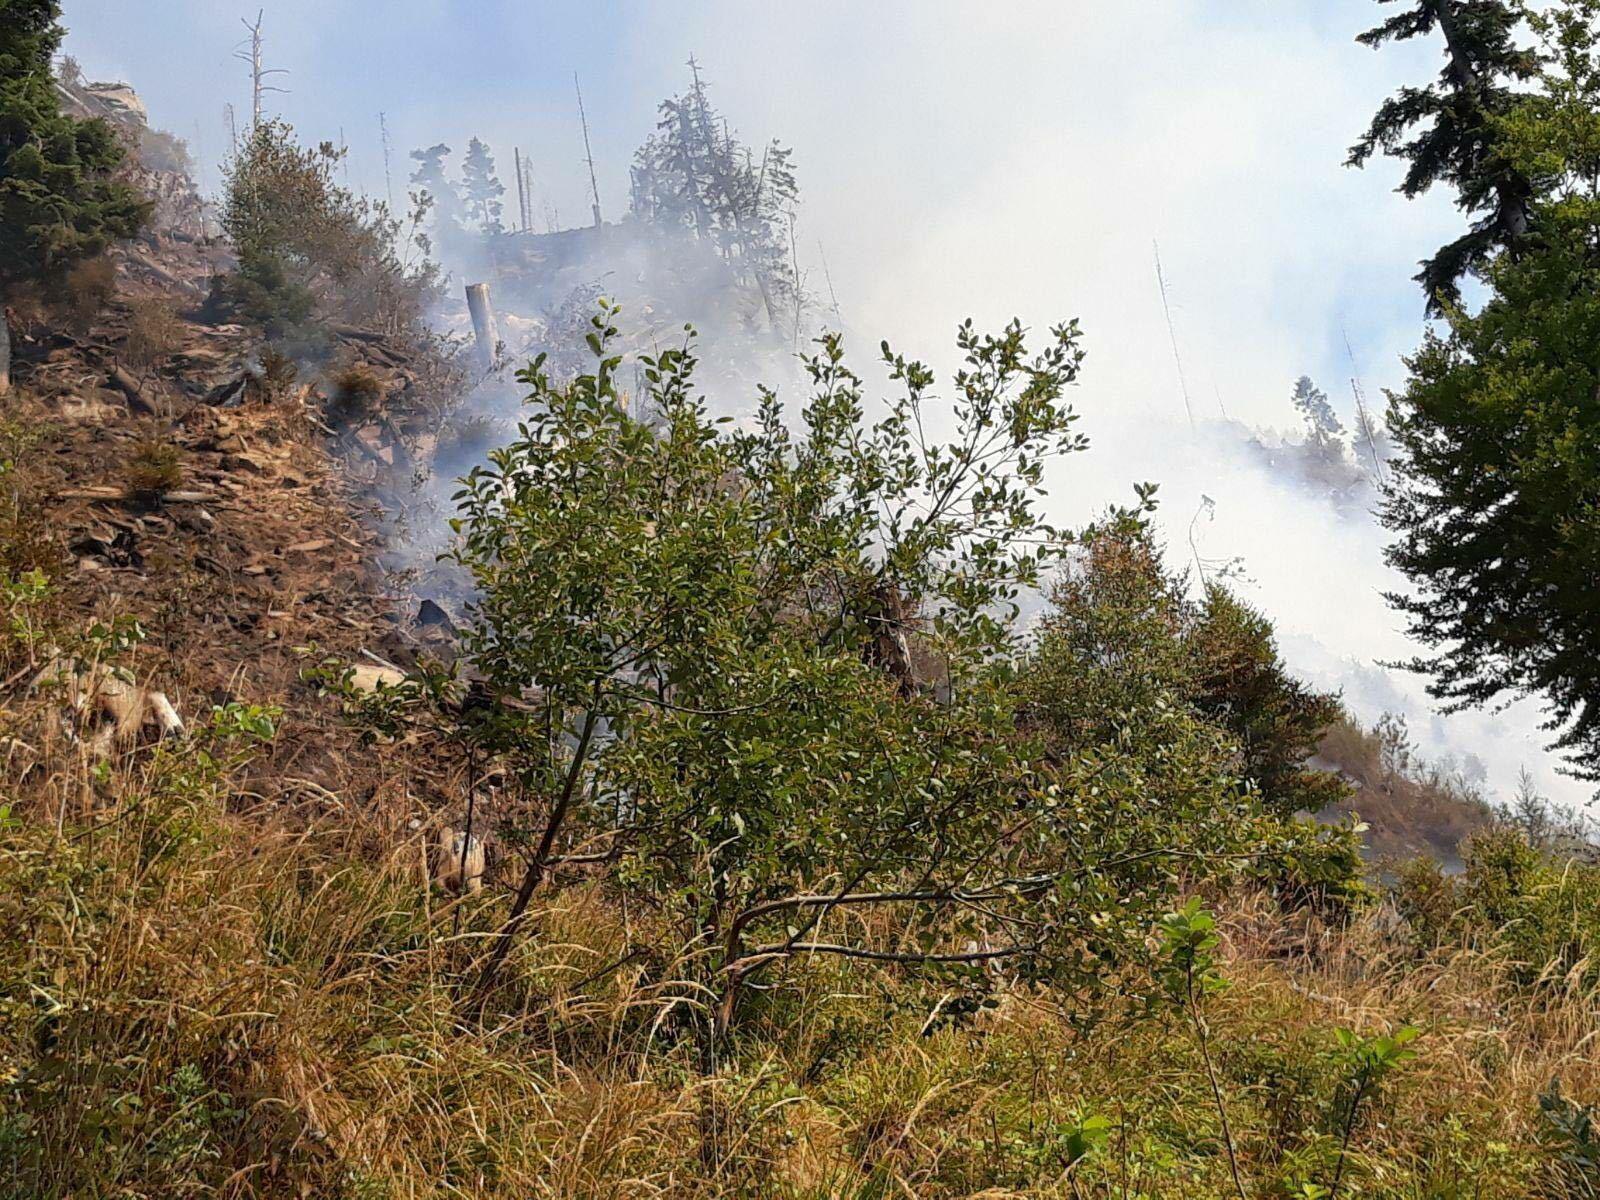 FOTO, VIDEO | Puternic incendiu de pădure de conifere în Bistriţa-Năsăud, unde focul a cuprins opt hectare